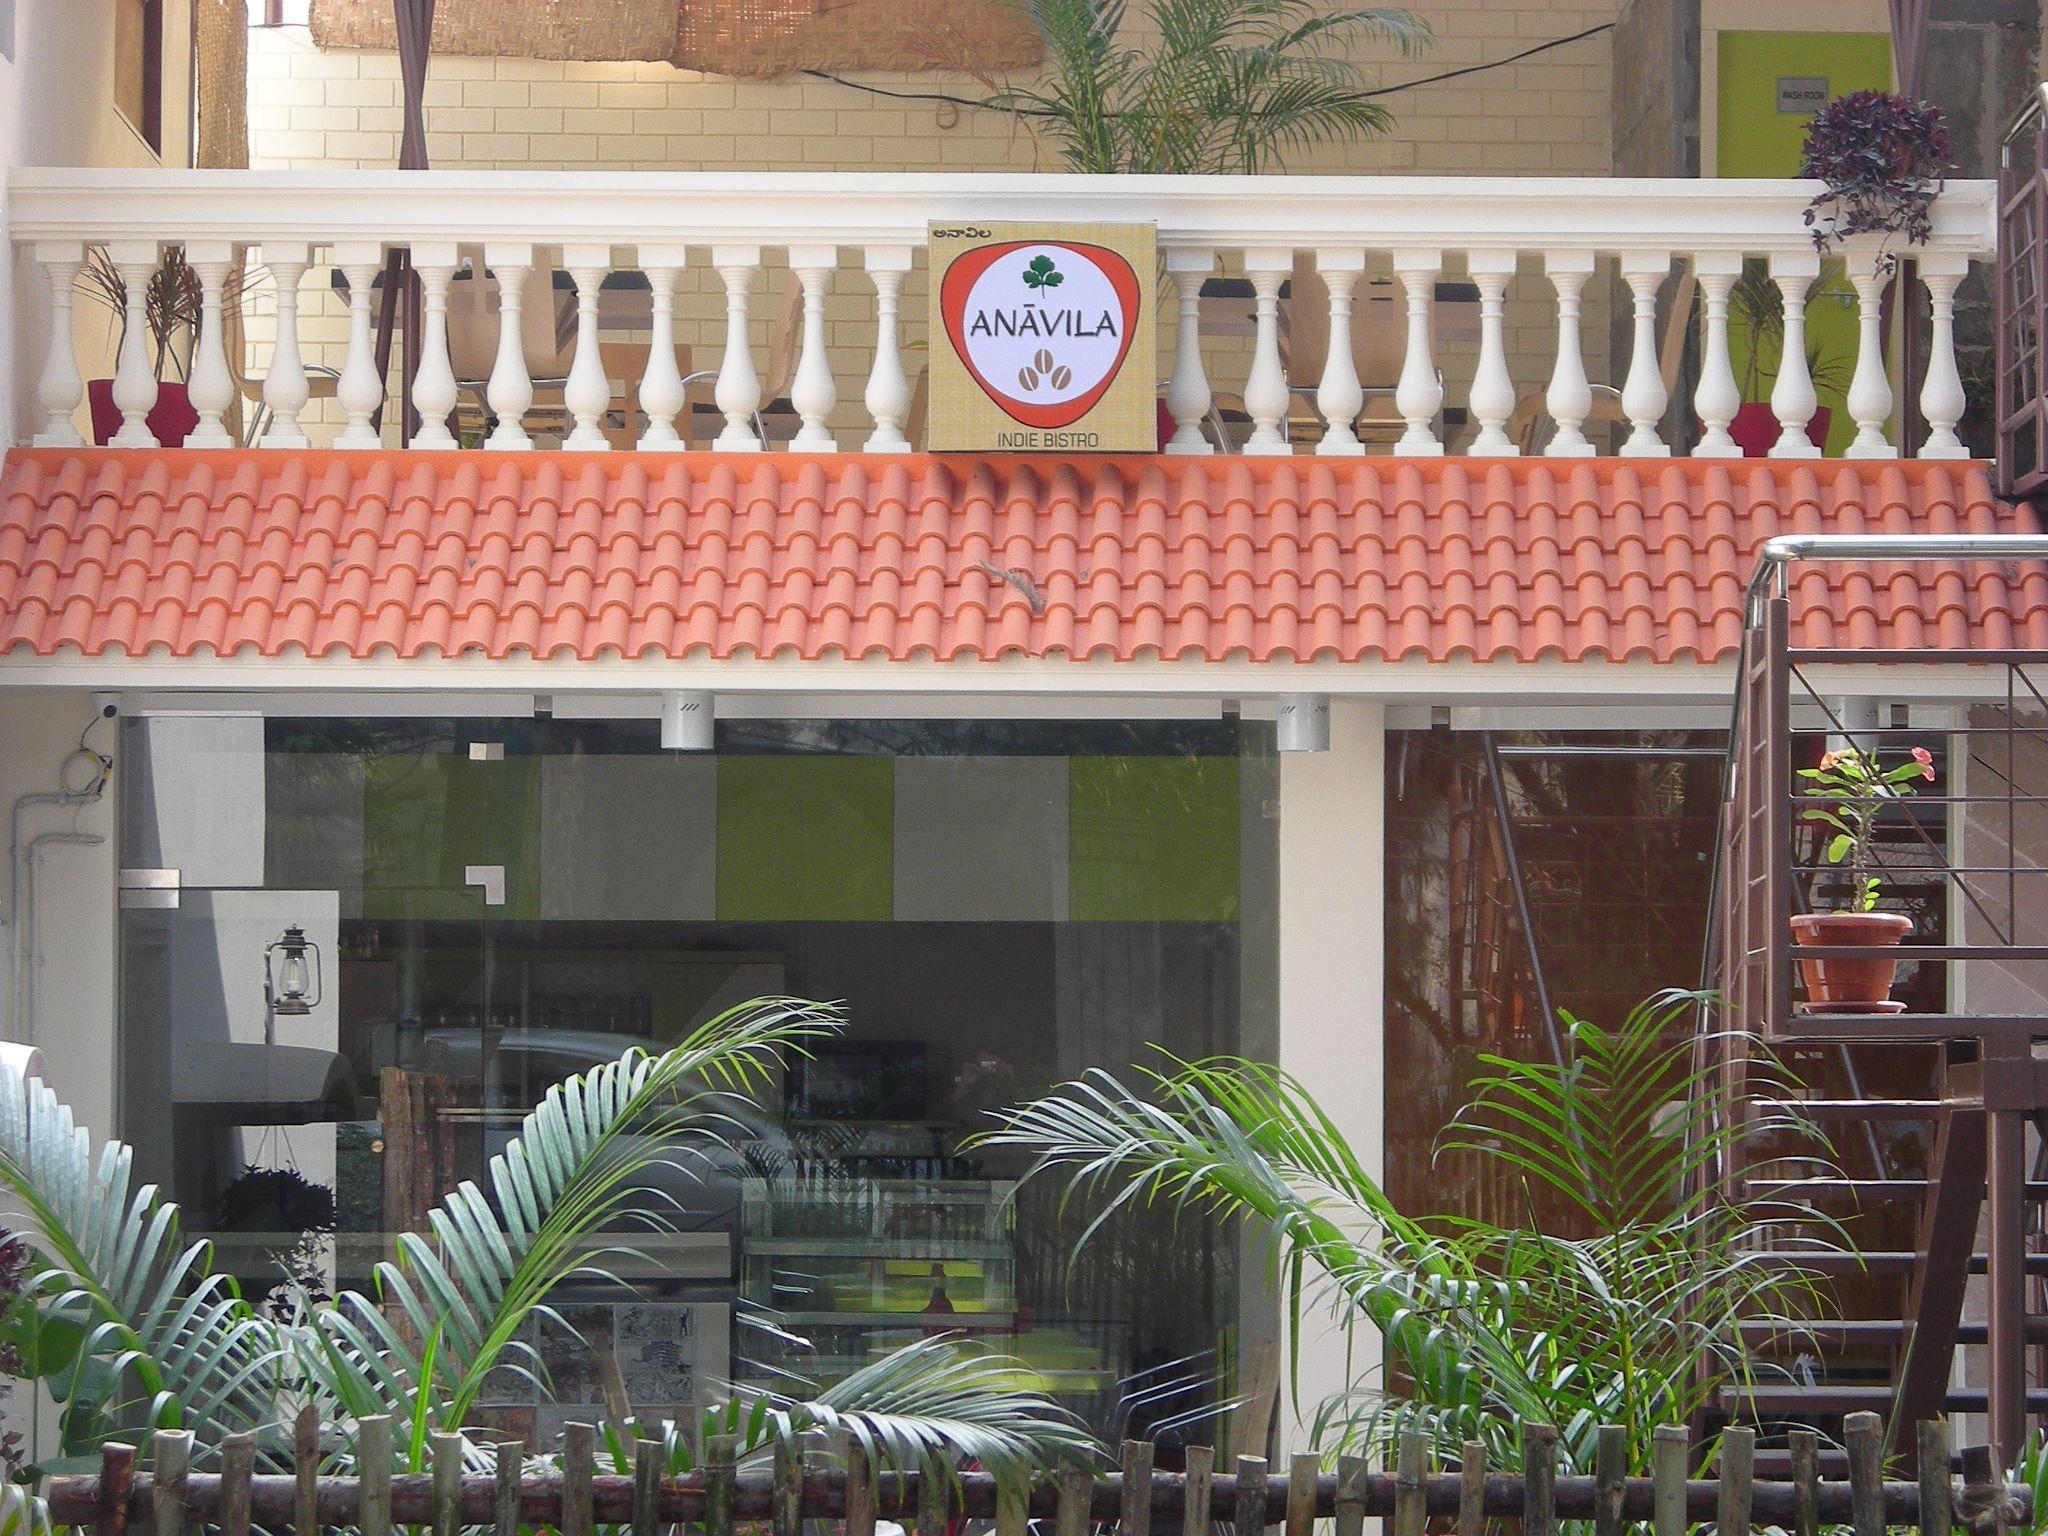 ANAVILA - Indie Bistro & Coffee Shop